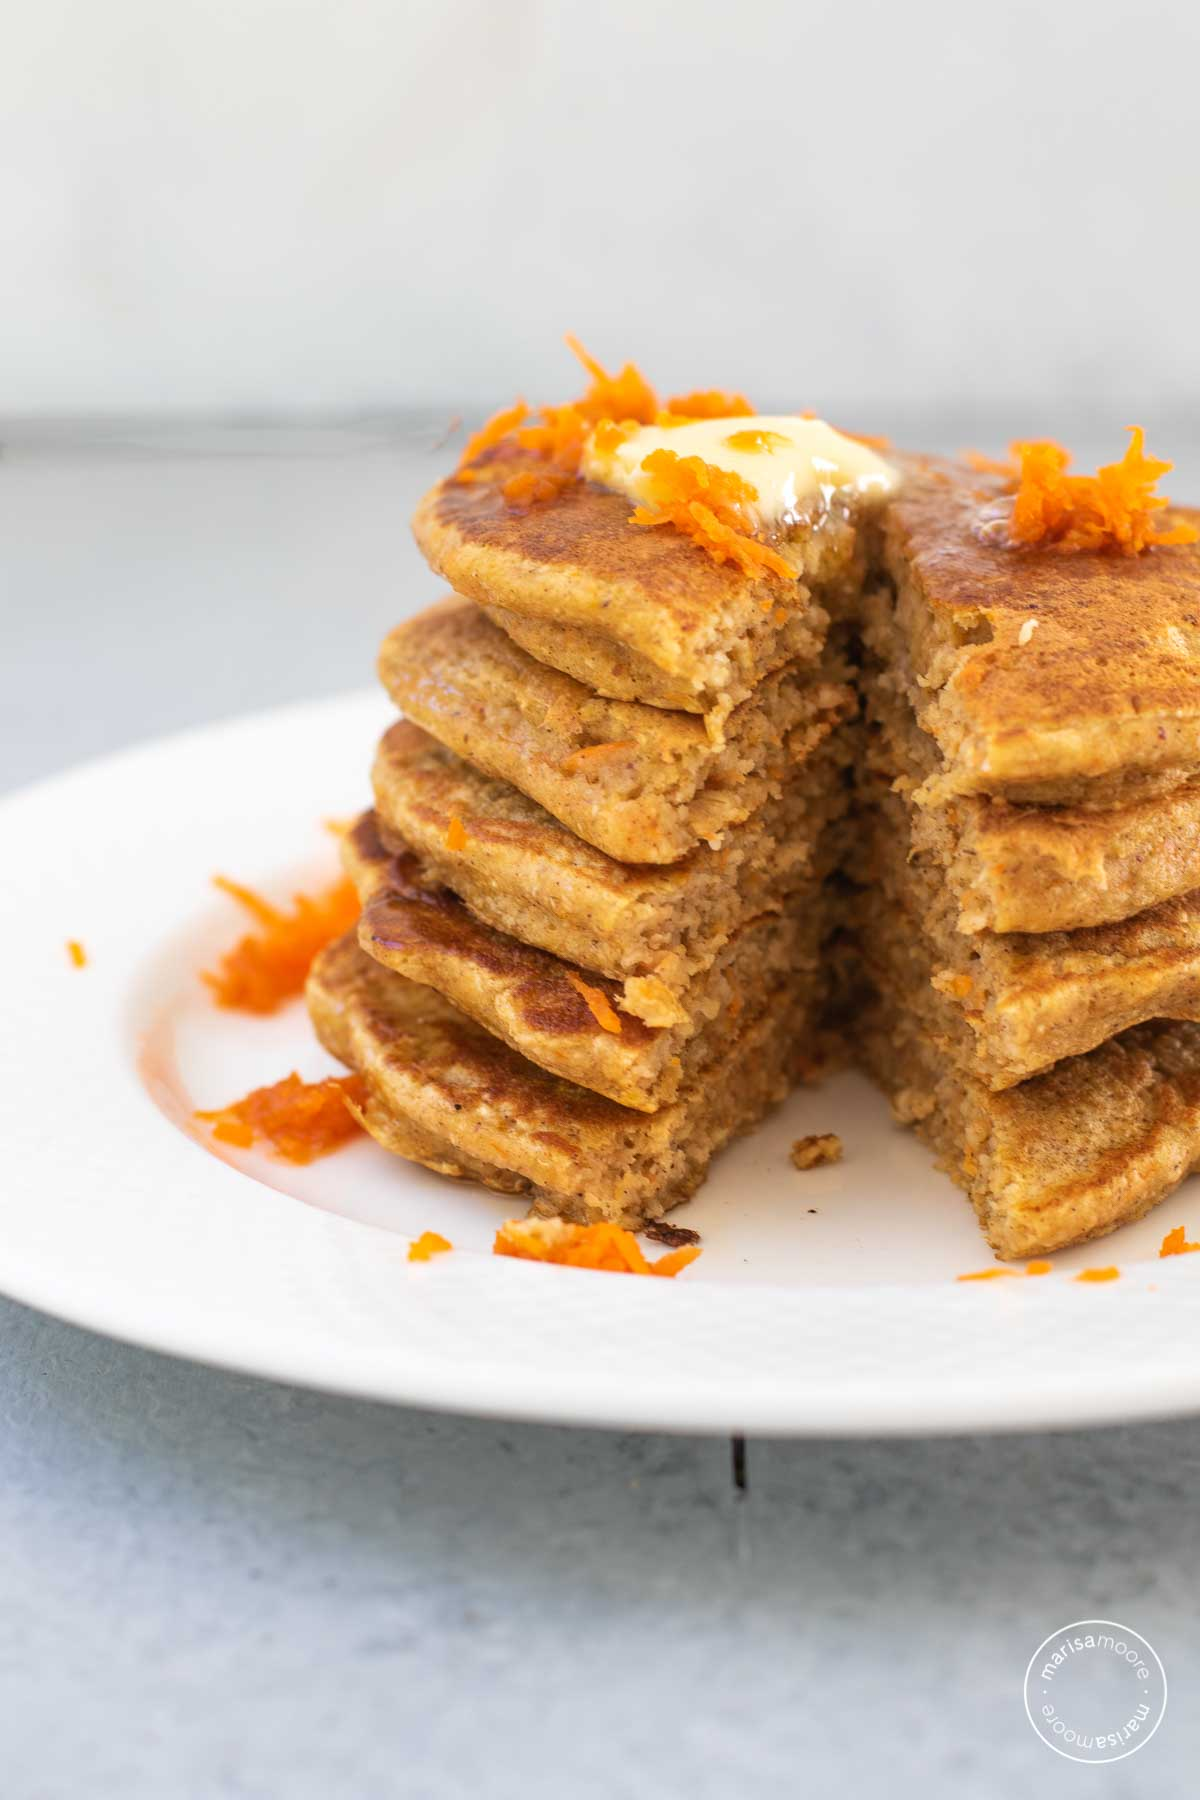 Stack of carrot cake pancakes